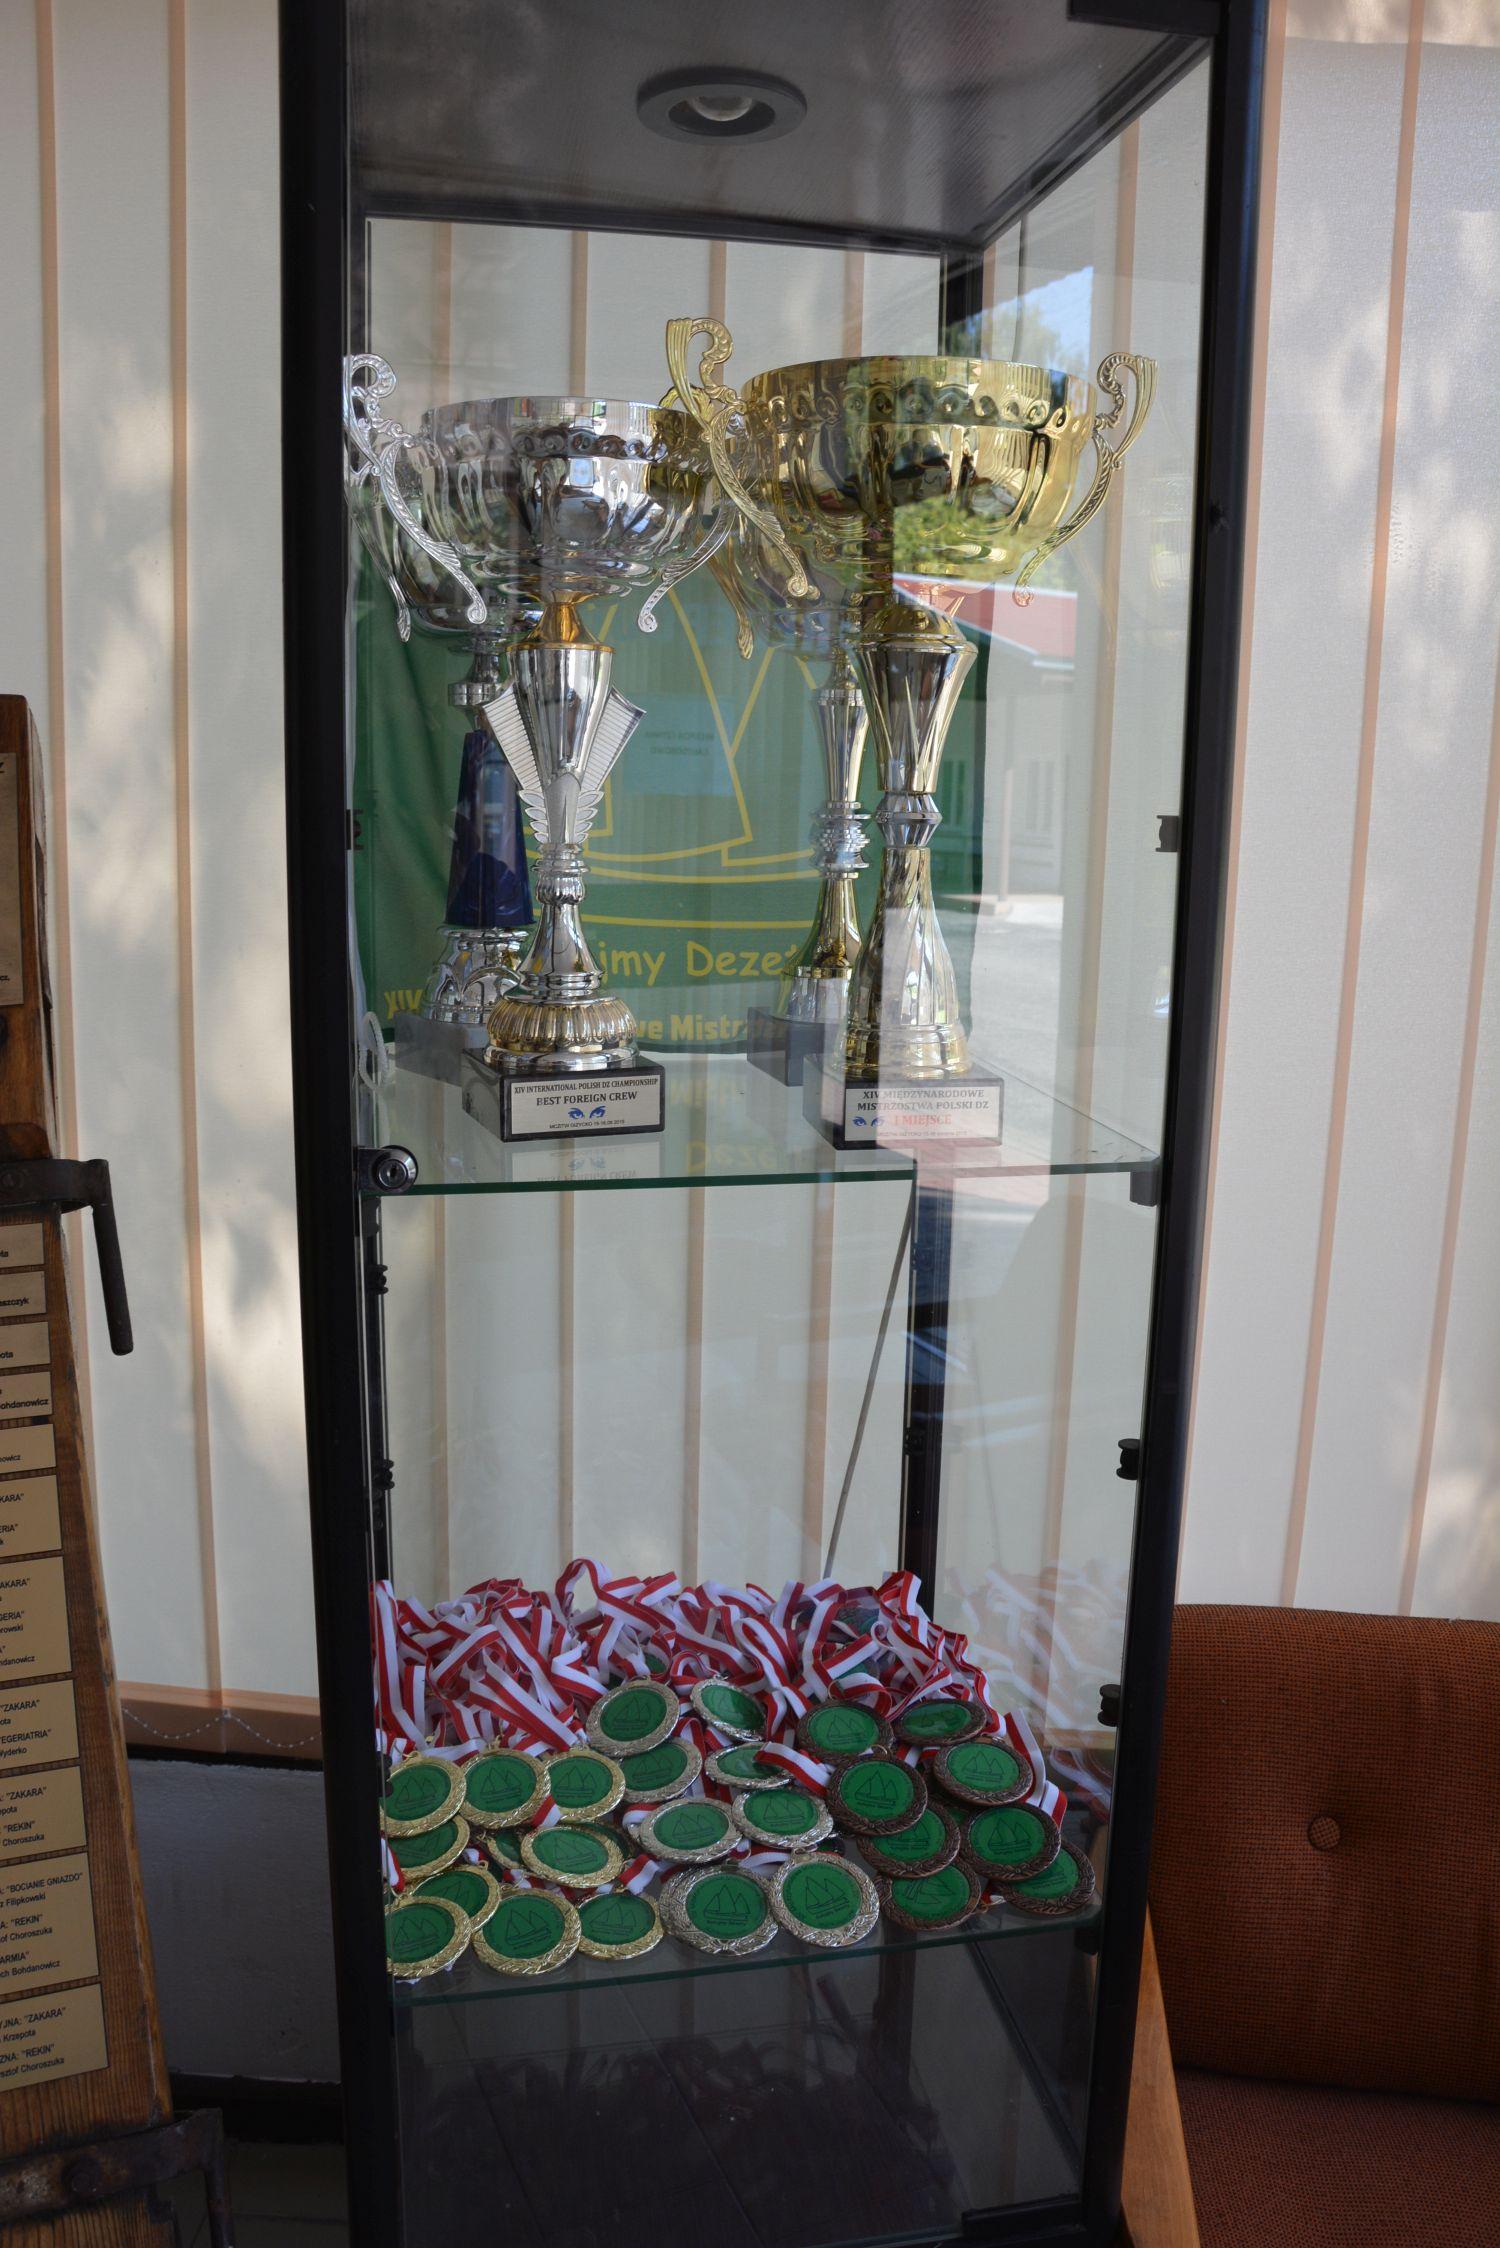 Przeglądasz zdjęcia w artykule: Ratujmy Dezety. XVII Międzynarodowe Mistrzostwa Polski DZ